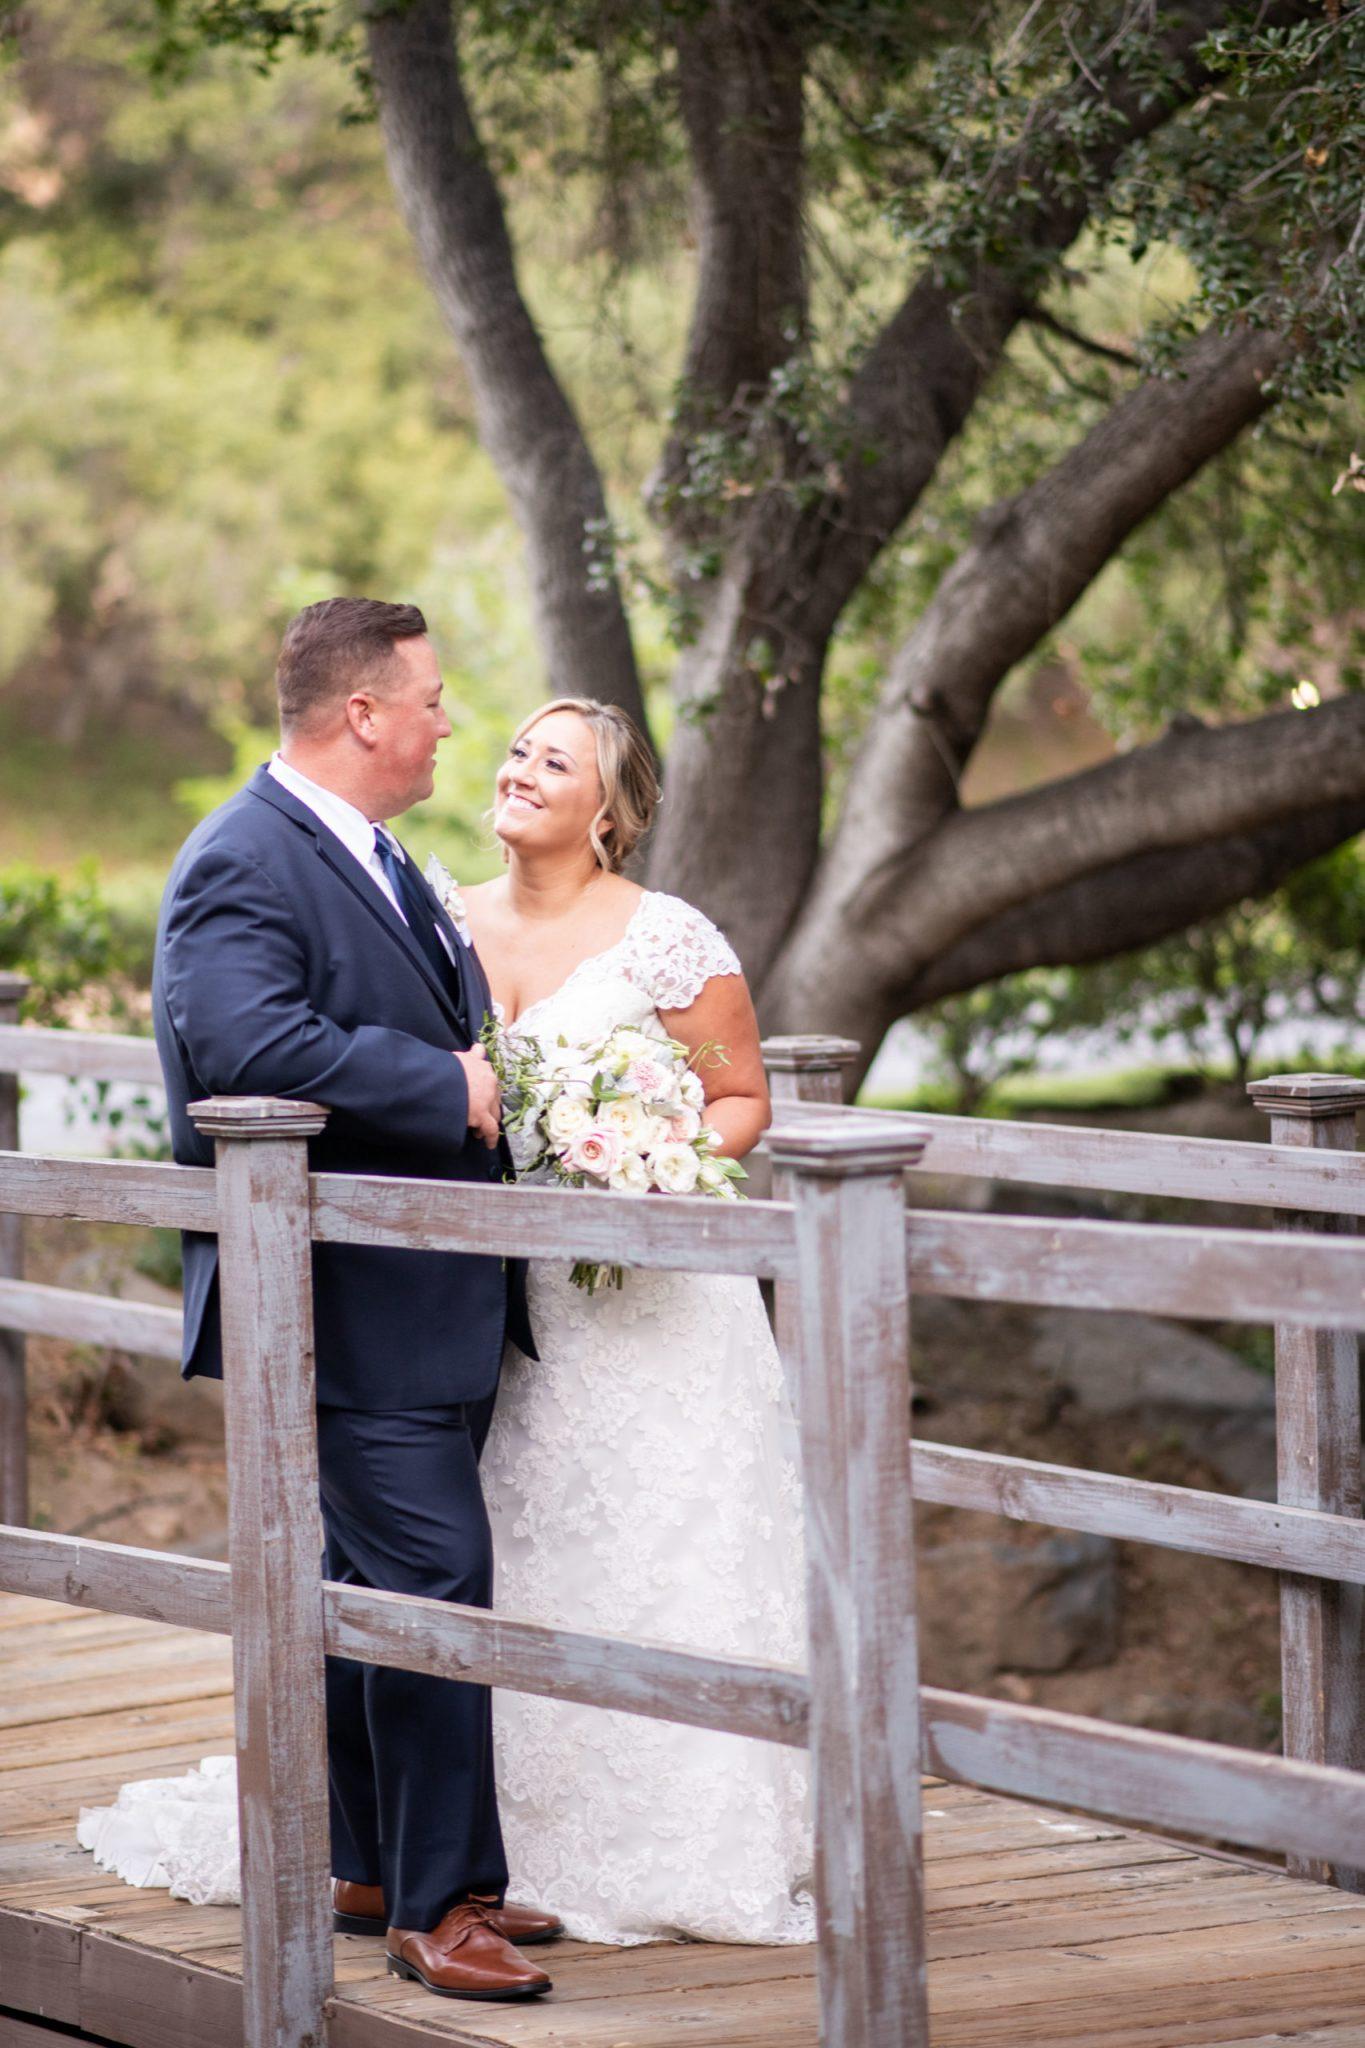 Matt Chrissy Wedding 4106 scaled